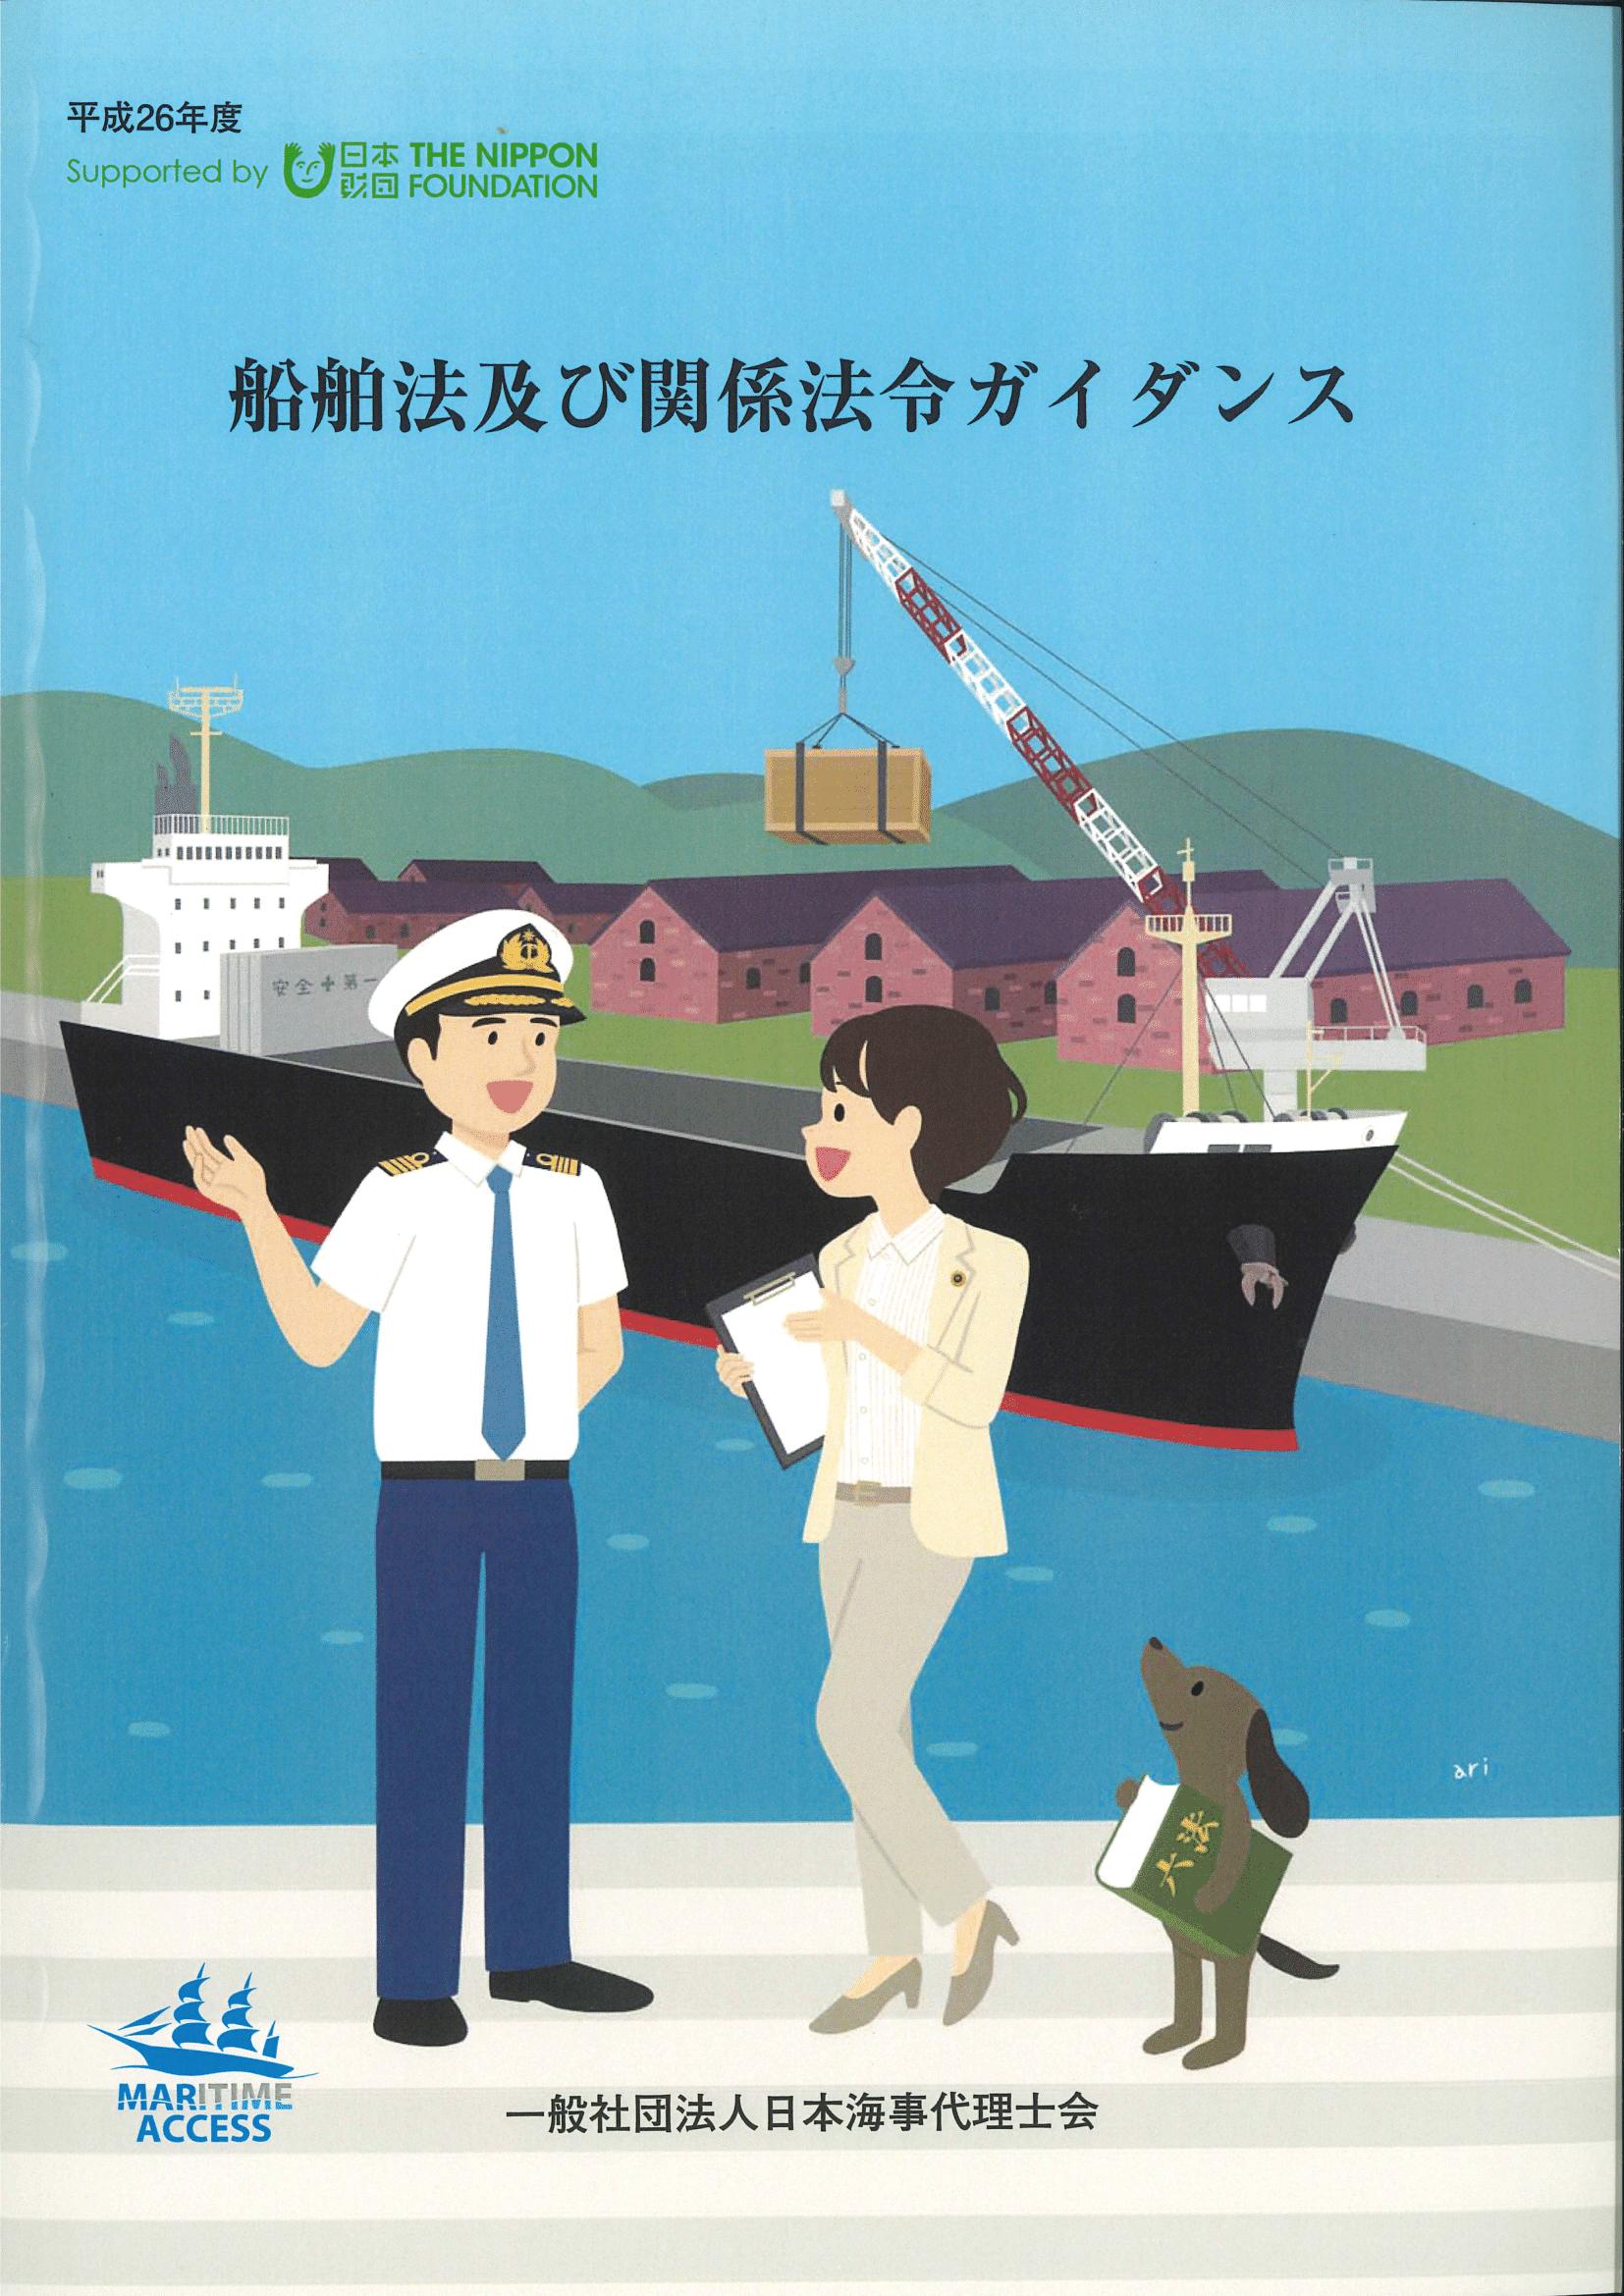 船舶法及び関係法令ガイダンス(平成27年3月発行)